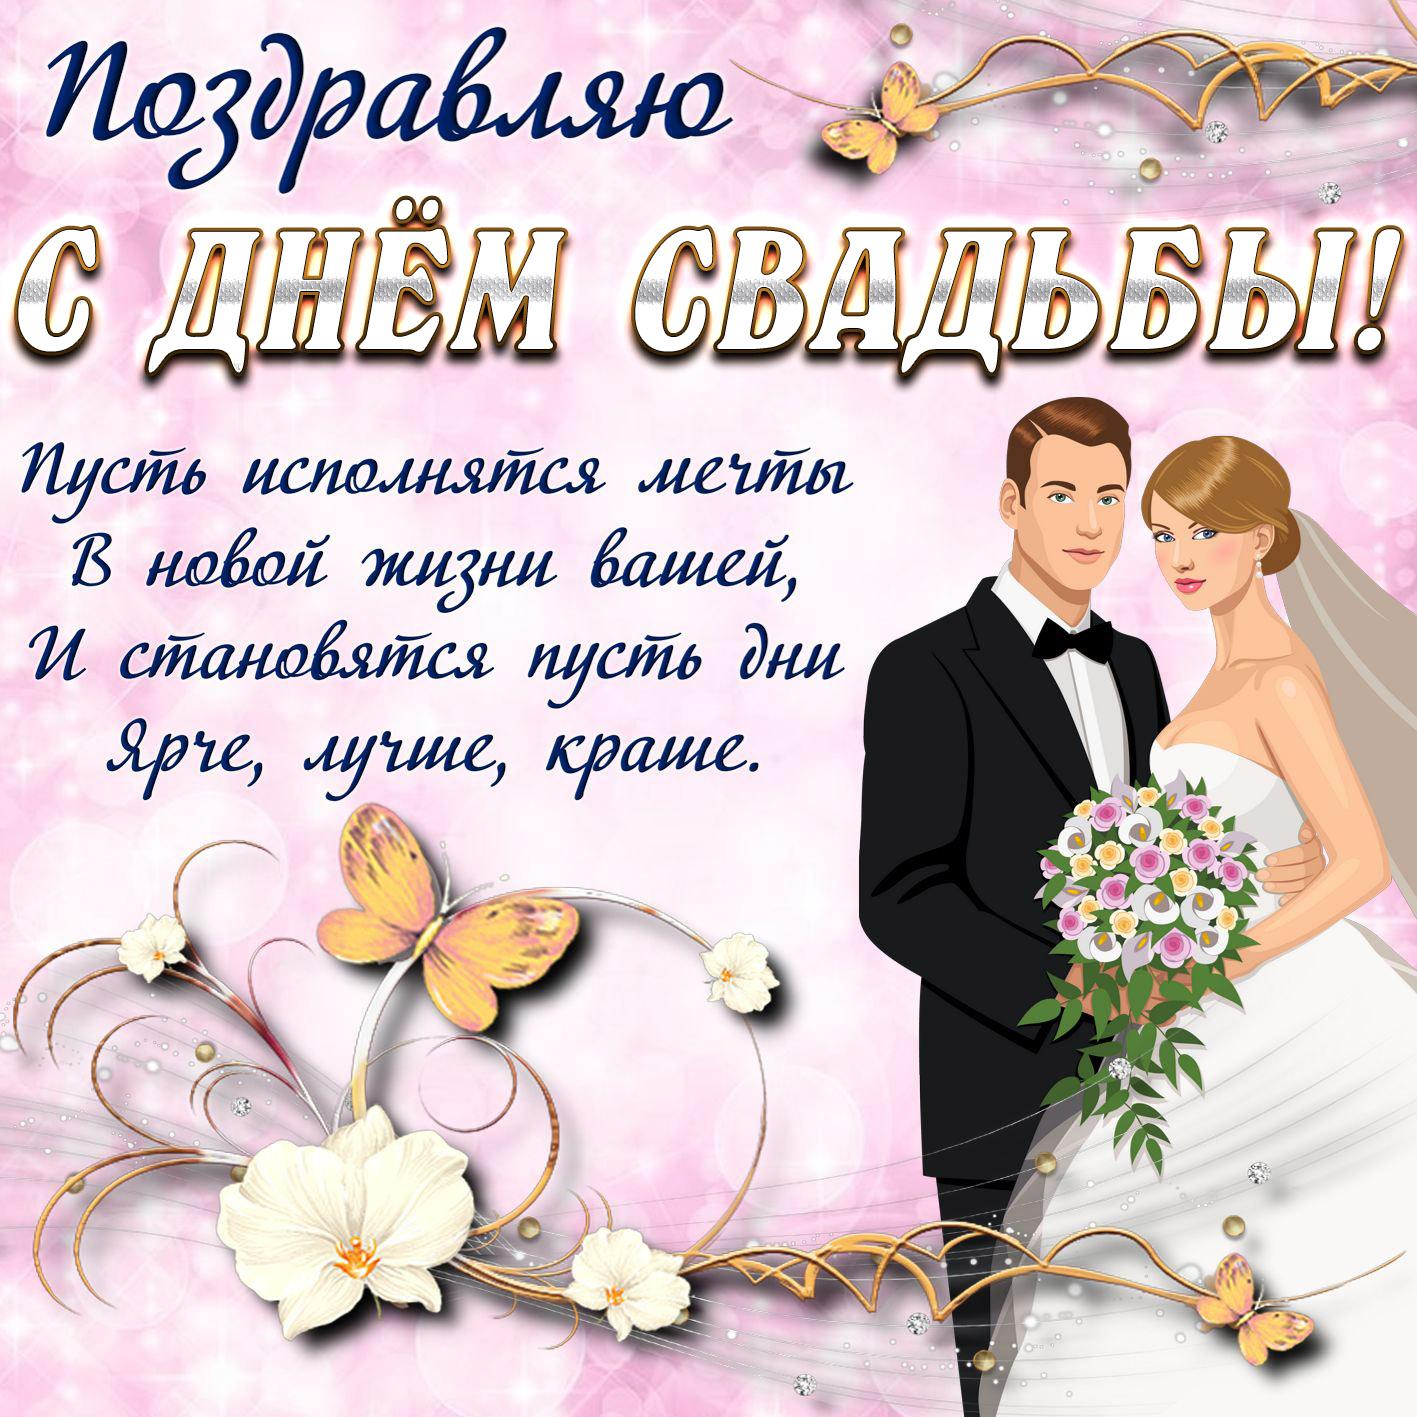 Поздравления к юбилею свадьбы от сестры